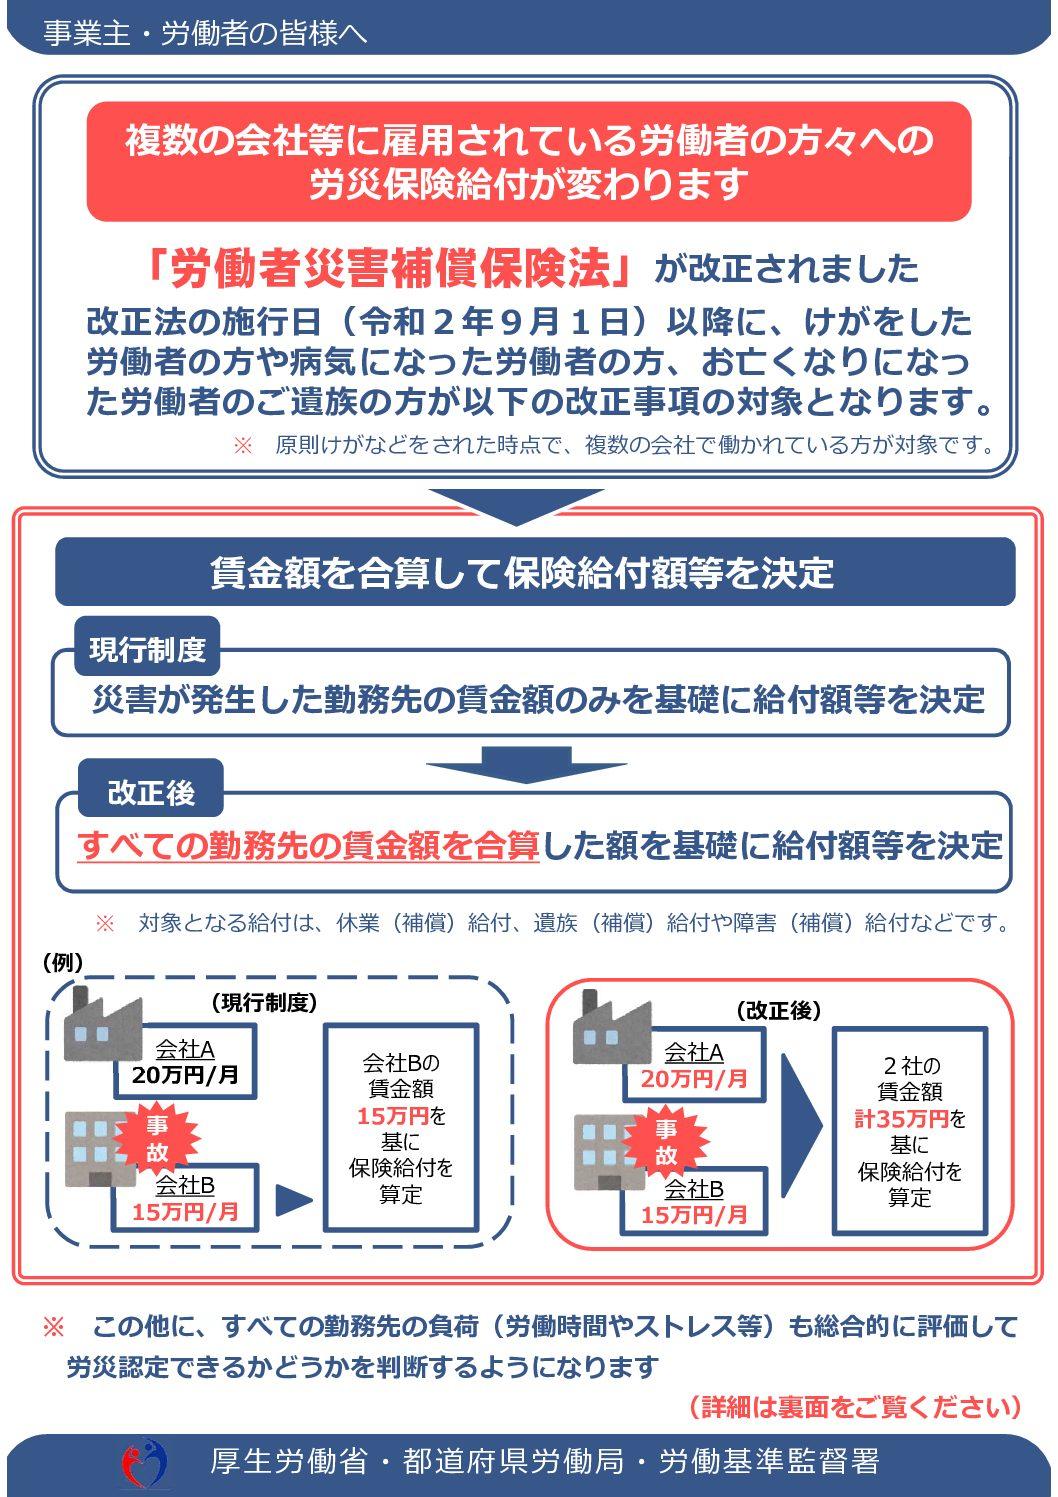 【副業・兼業】令和2年9月から労災保険給付の改正【新請求書等OCRダウンロード】